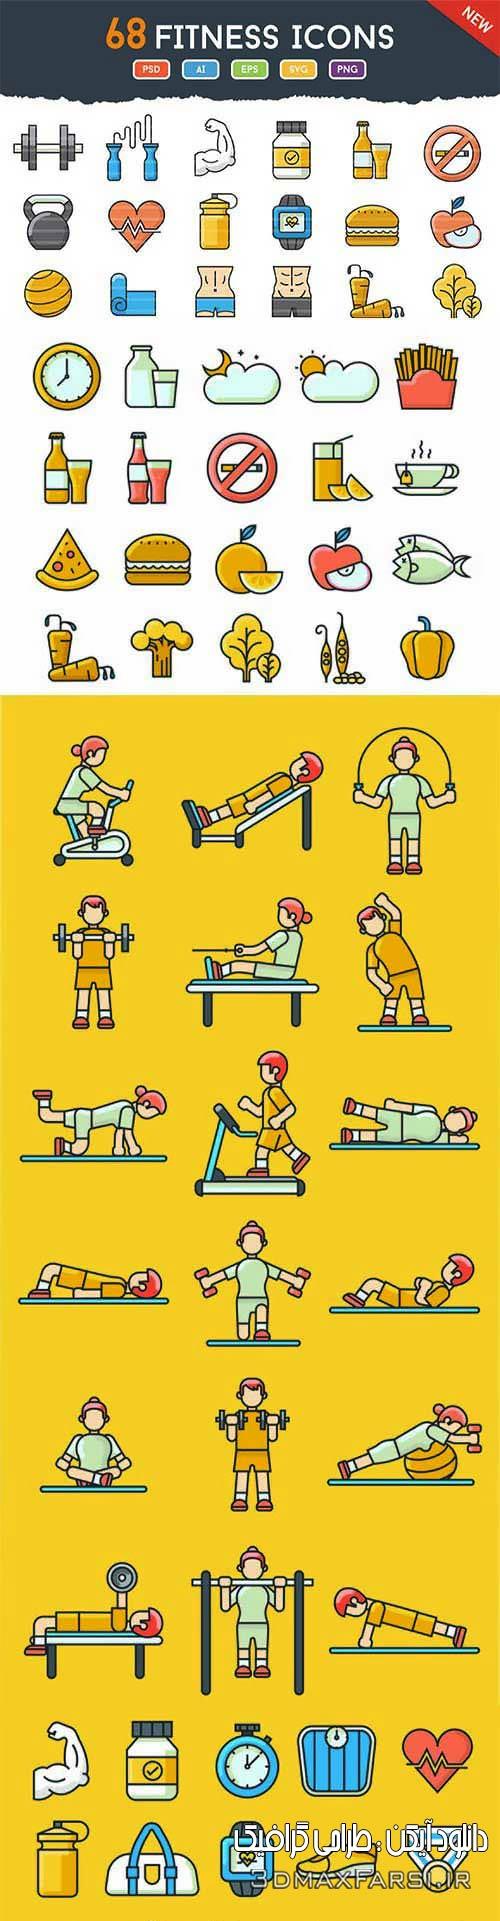 آیکون ورزشی سالن بدنسازی فیتنس AI, EPS, PNG SVG